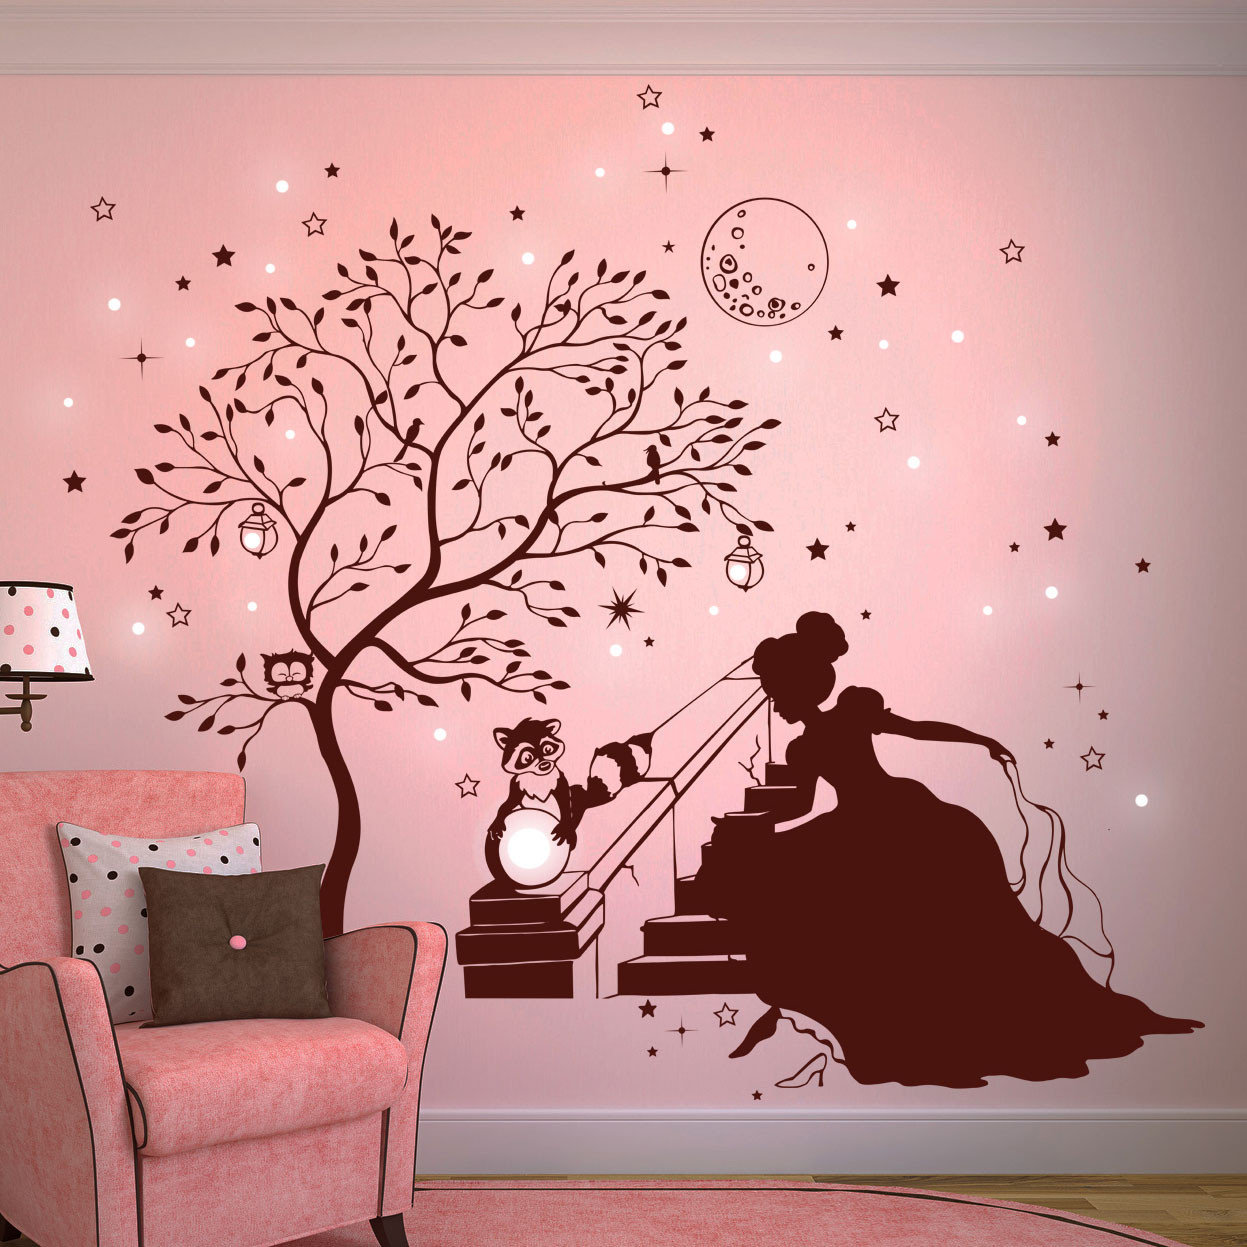 wandtattoo prinzessin cinderella mit zauberbaum waschb r hase und fluoreszierende sterne m1716. Black Bedroom Furniture Sets. Home Design Ideas